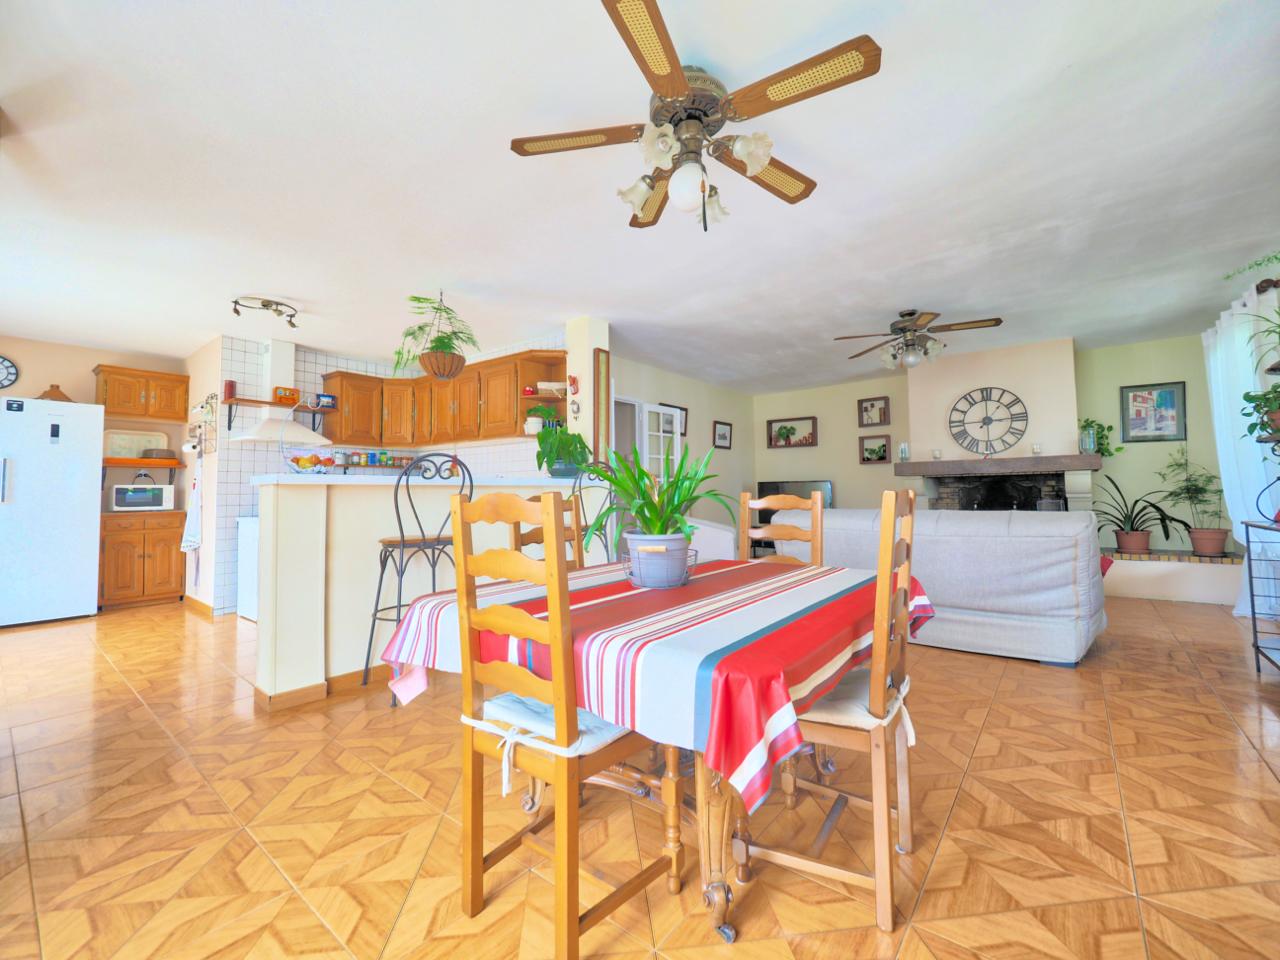 Vente maison 10 pièces  à CIBOURE - 5